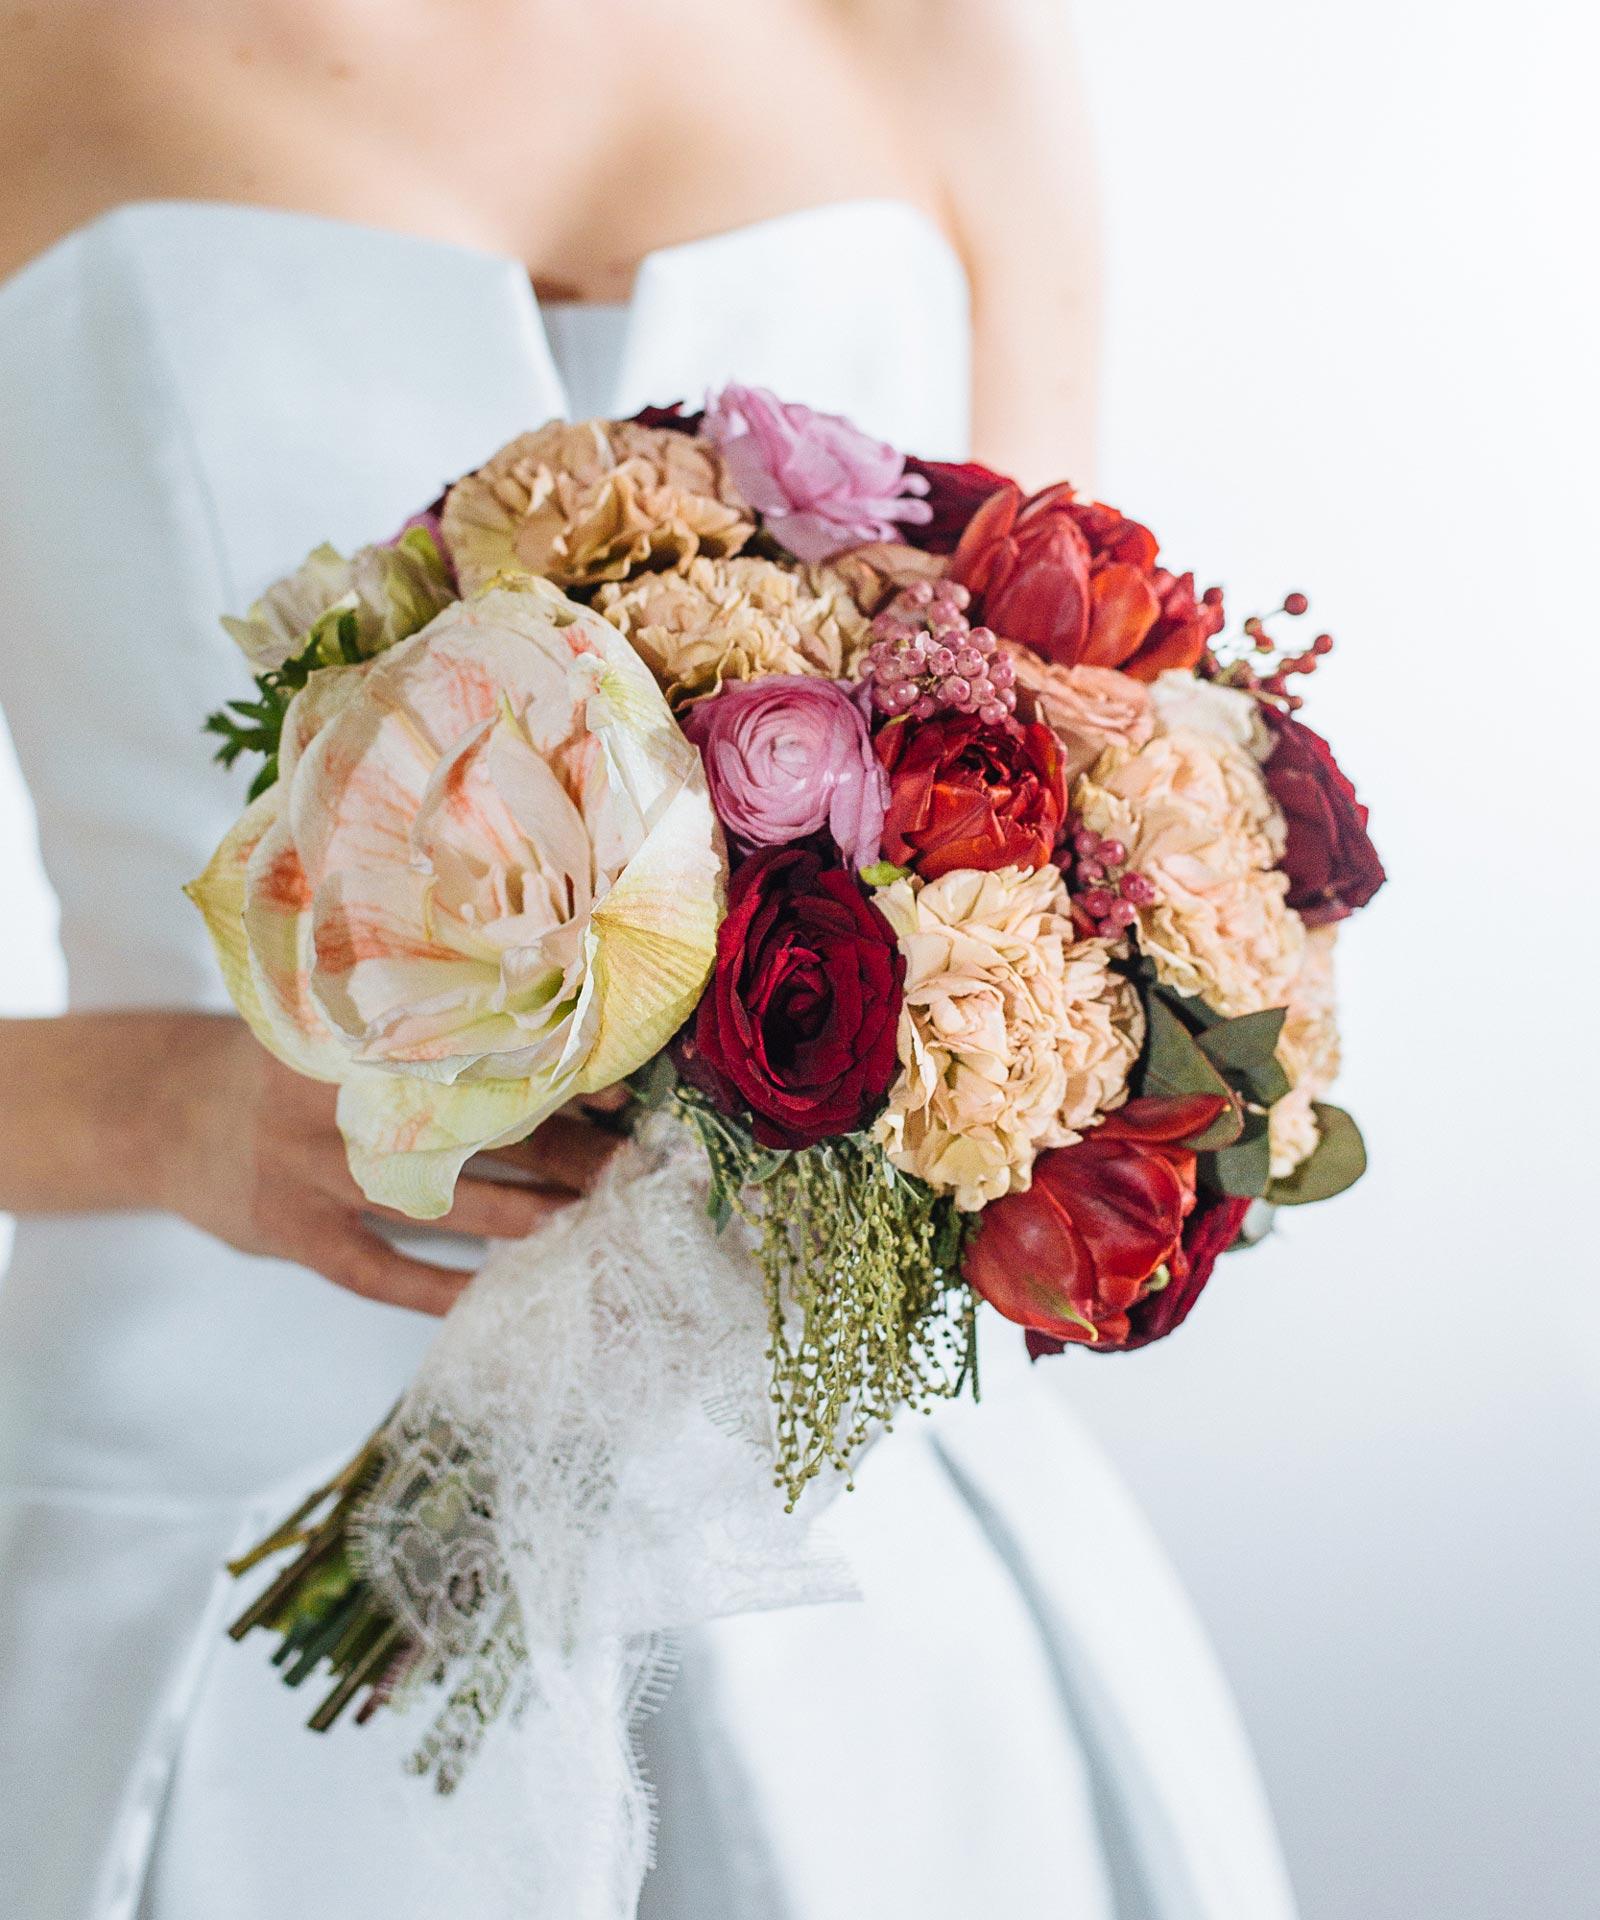 Классический круглый букет для невесты фото 4